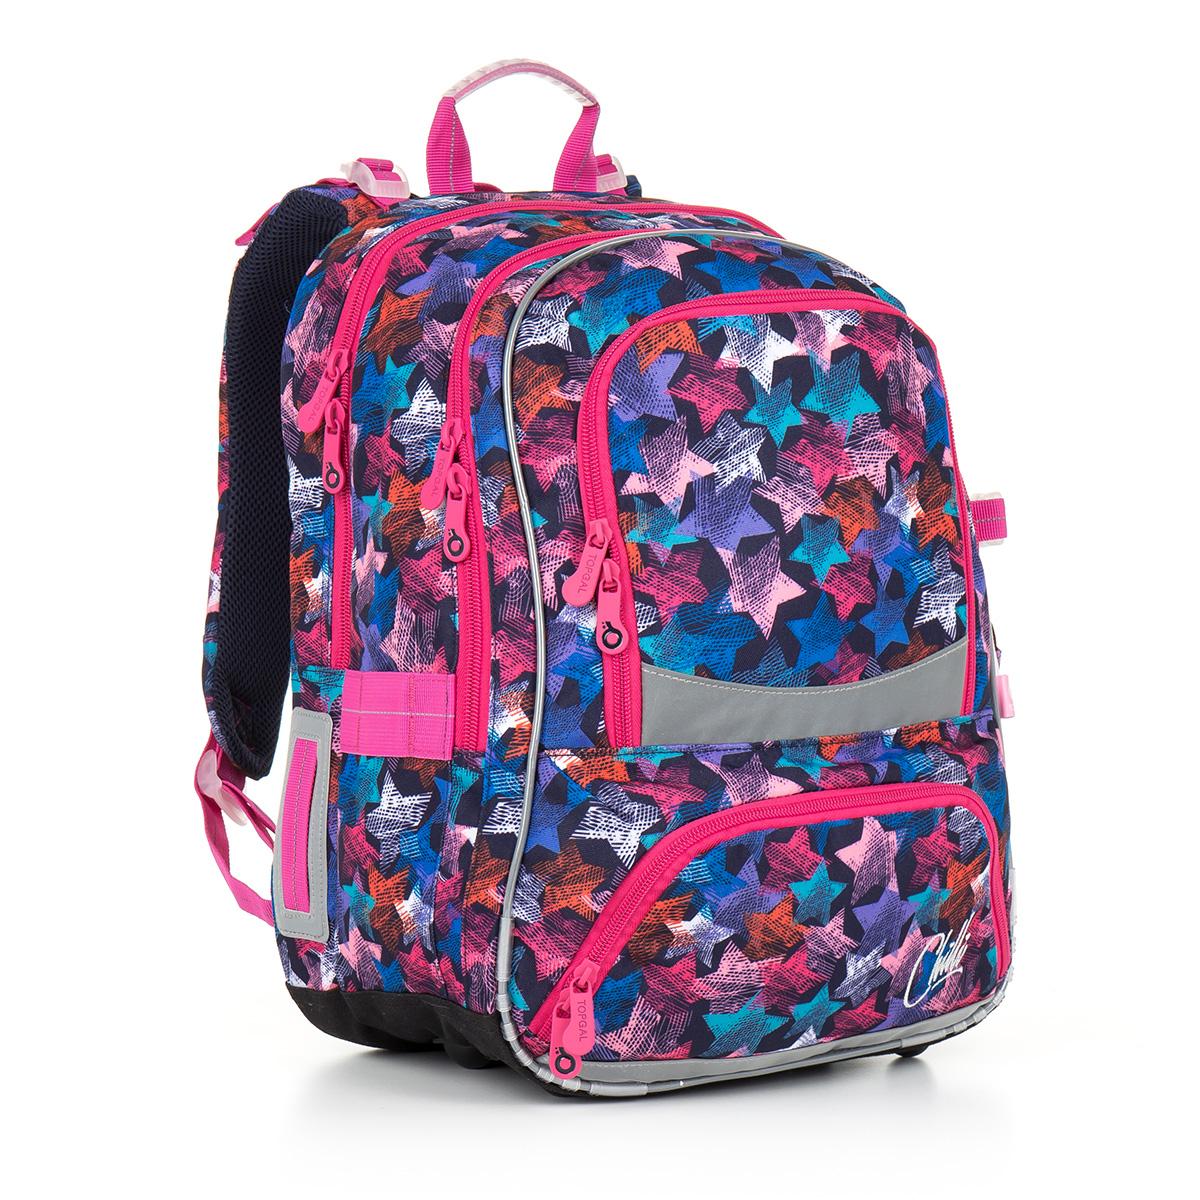 Školská taška Topgal CHI 867 D - Blue